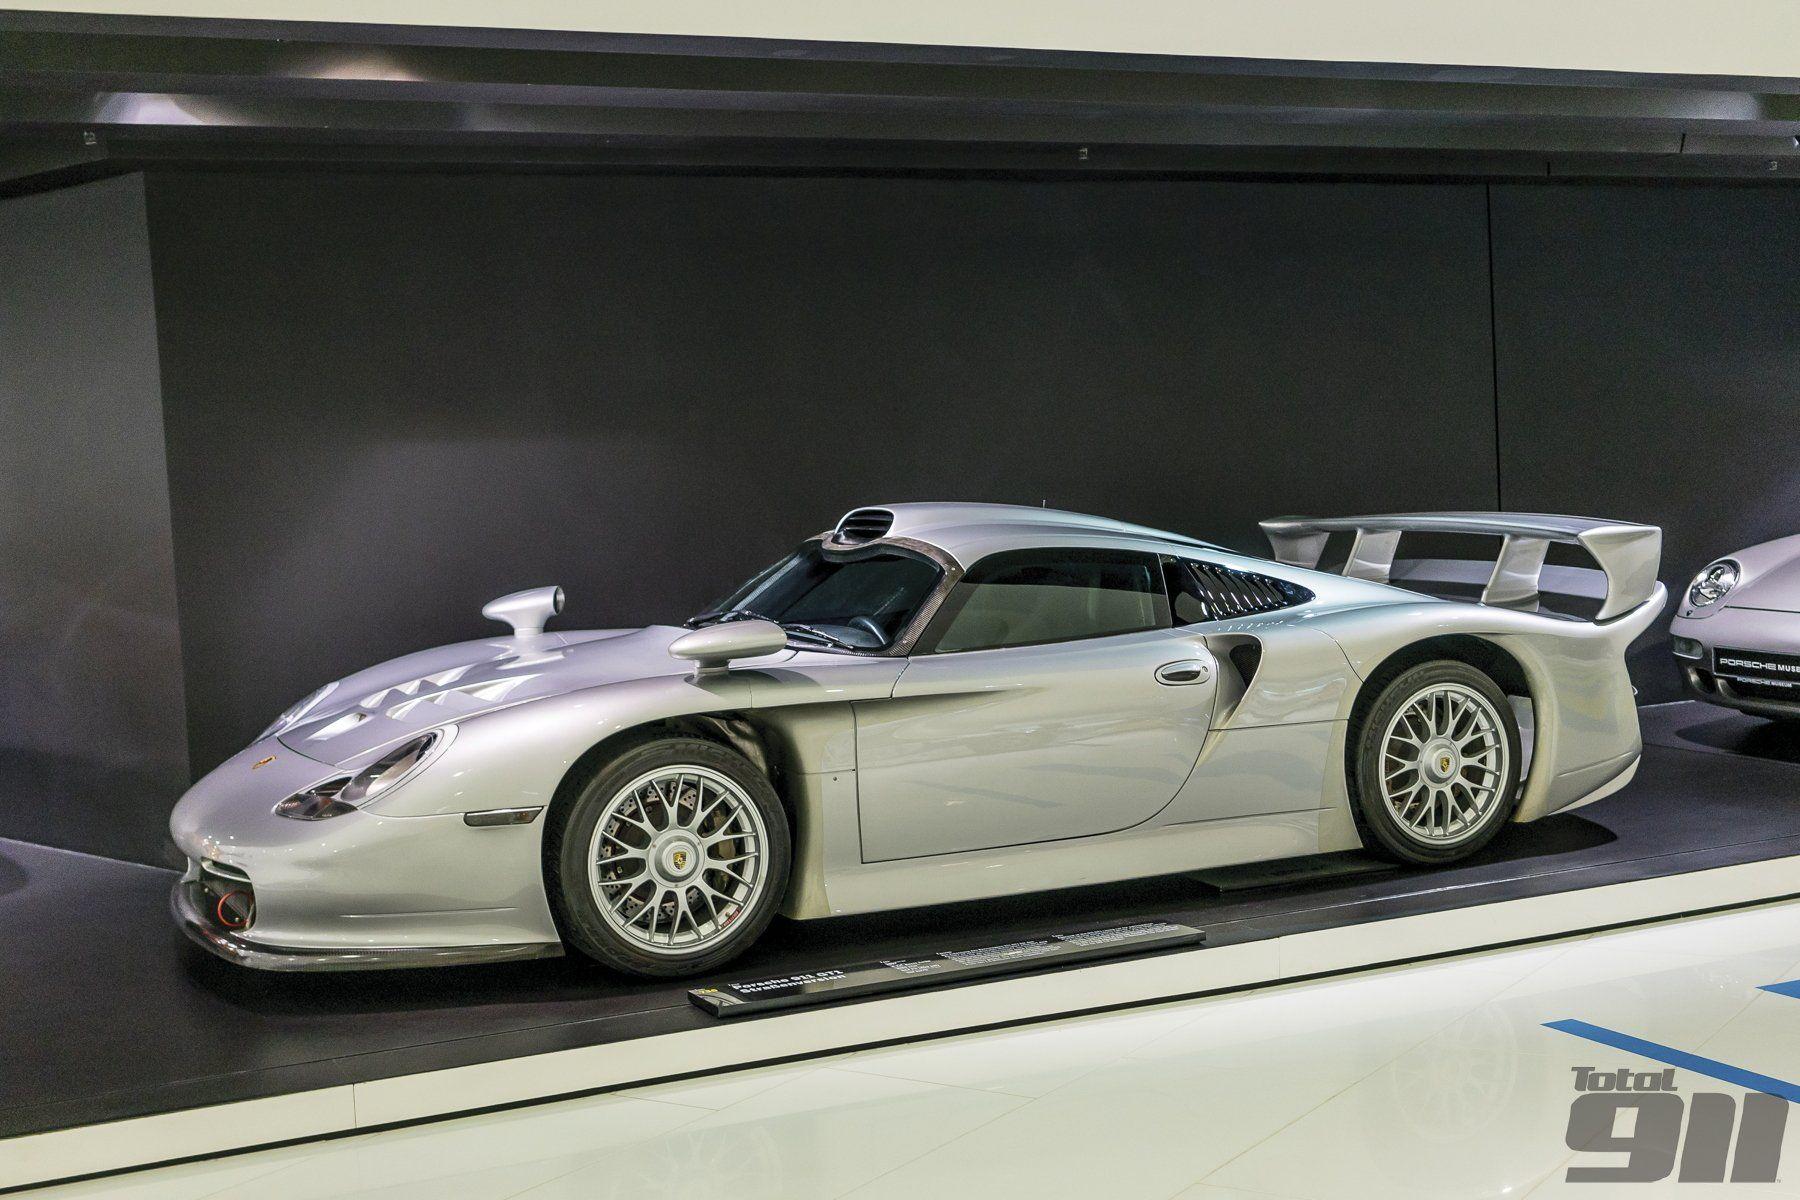 f8174786b08c09e6b327f2204b075a8e Terrific Porsche 911 Gt1 98 Road Car Cars Trend